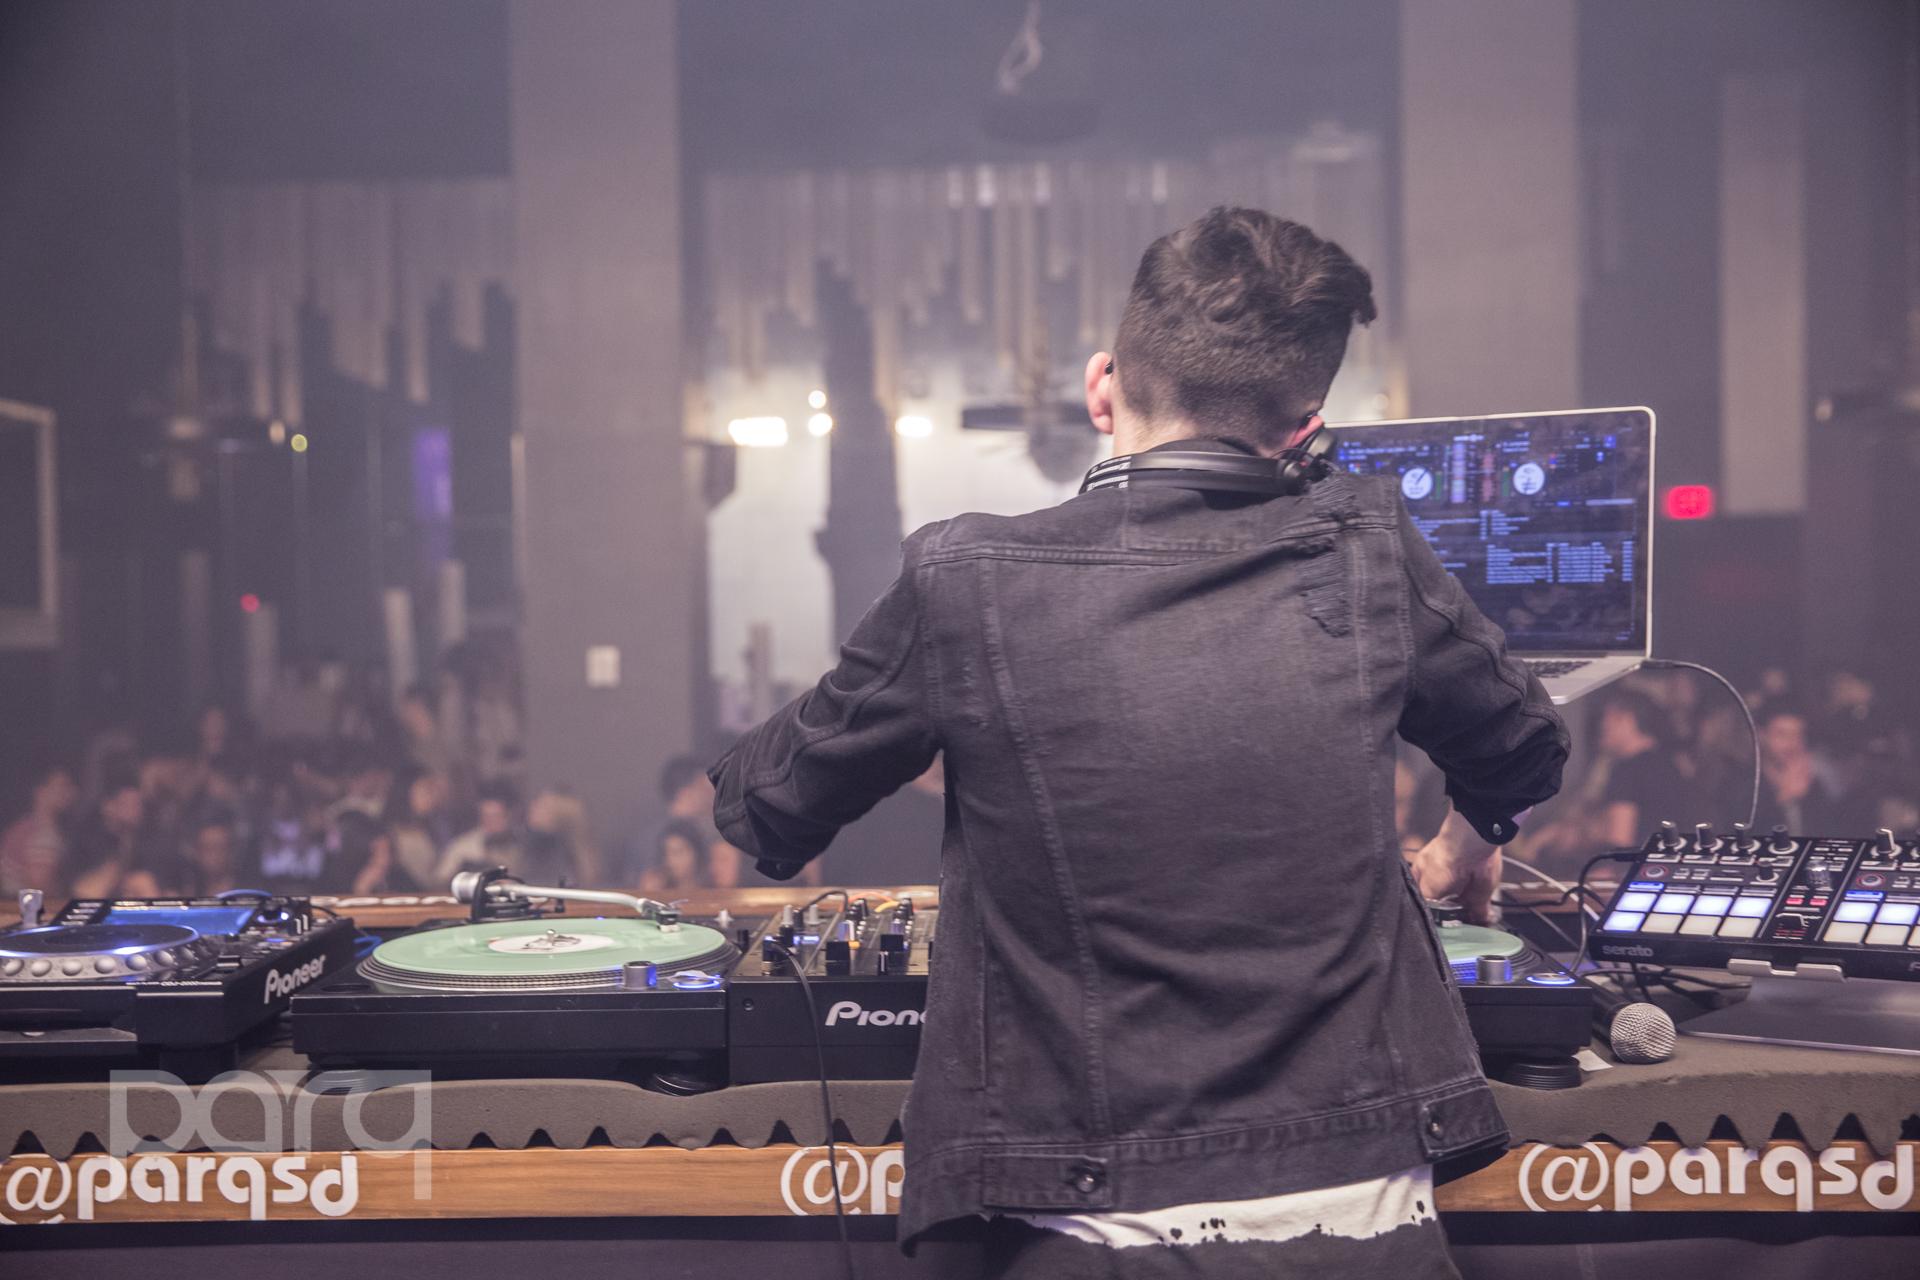 San-Diego-Nightclub-DJ Obscene-17.jpg